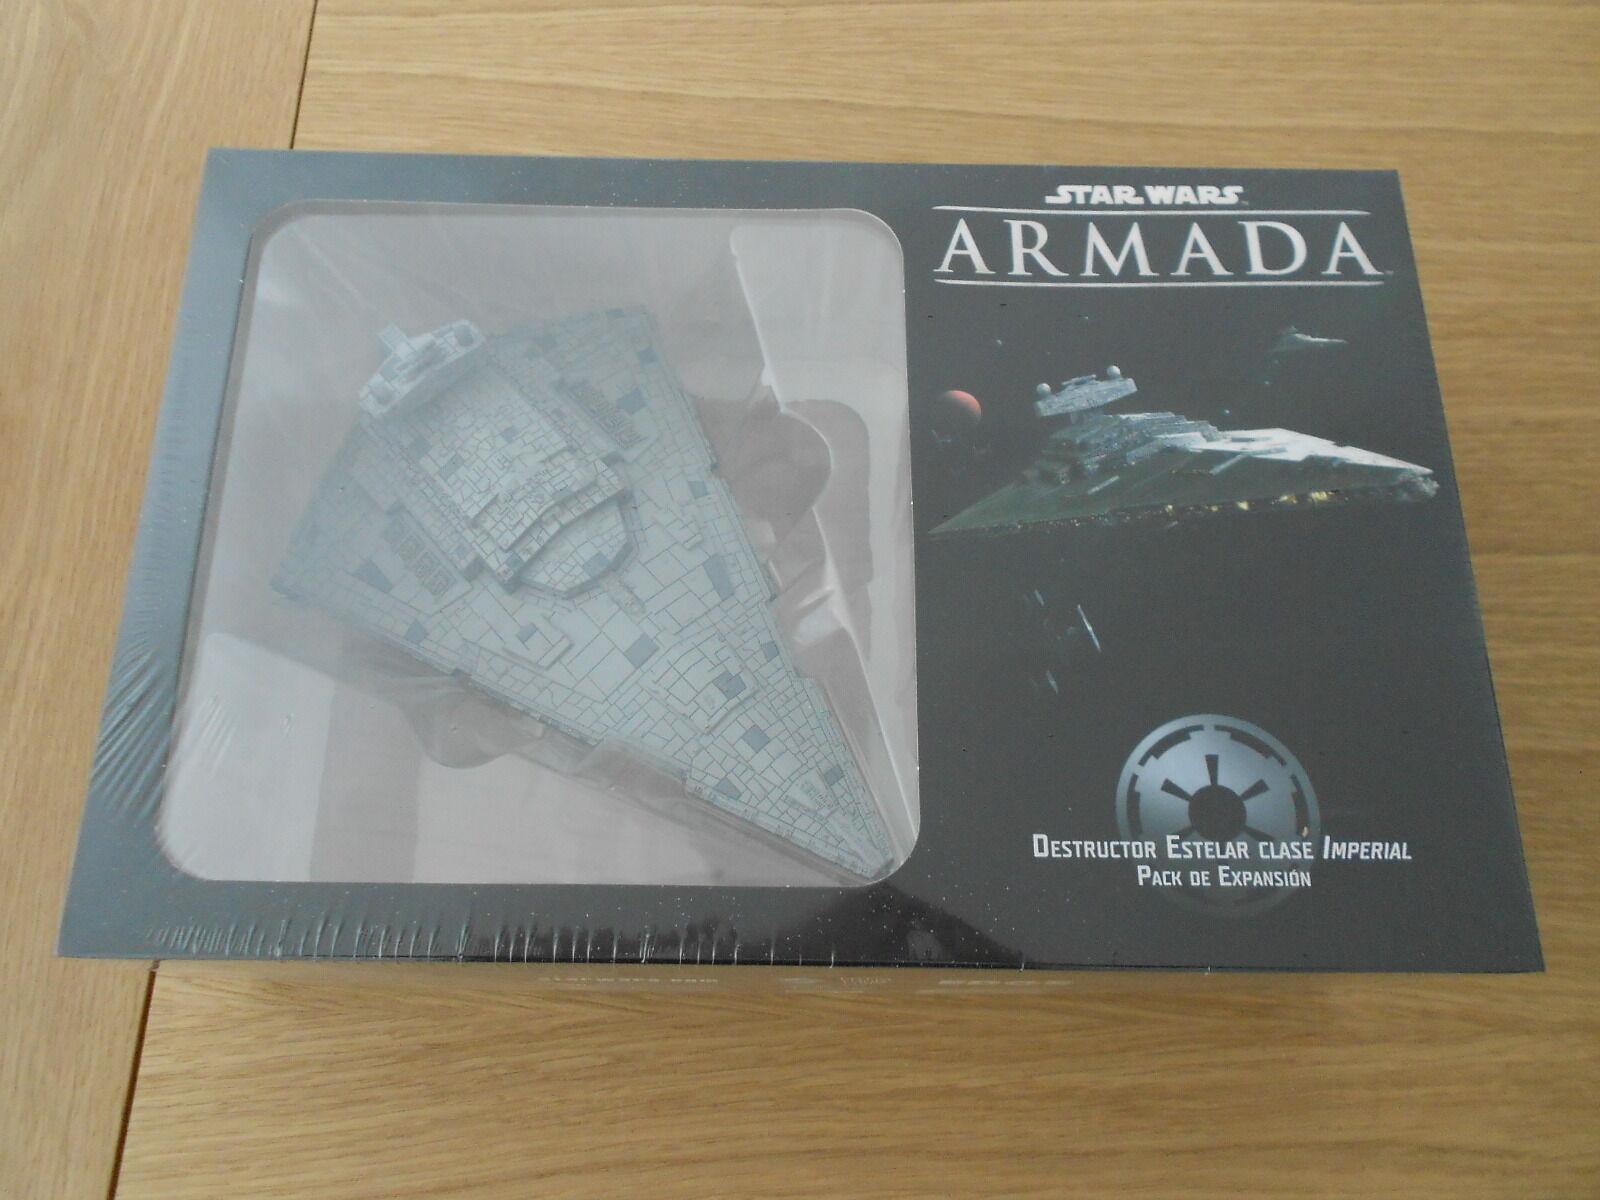 STAR WARS ARMADA - Destructor Estelar Clase Imperial - EDGE - juego - Miniaturas